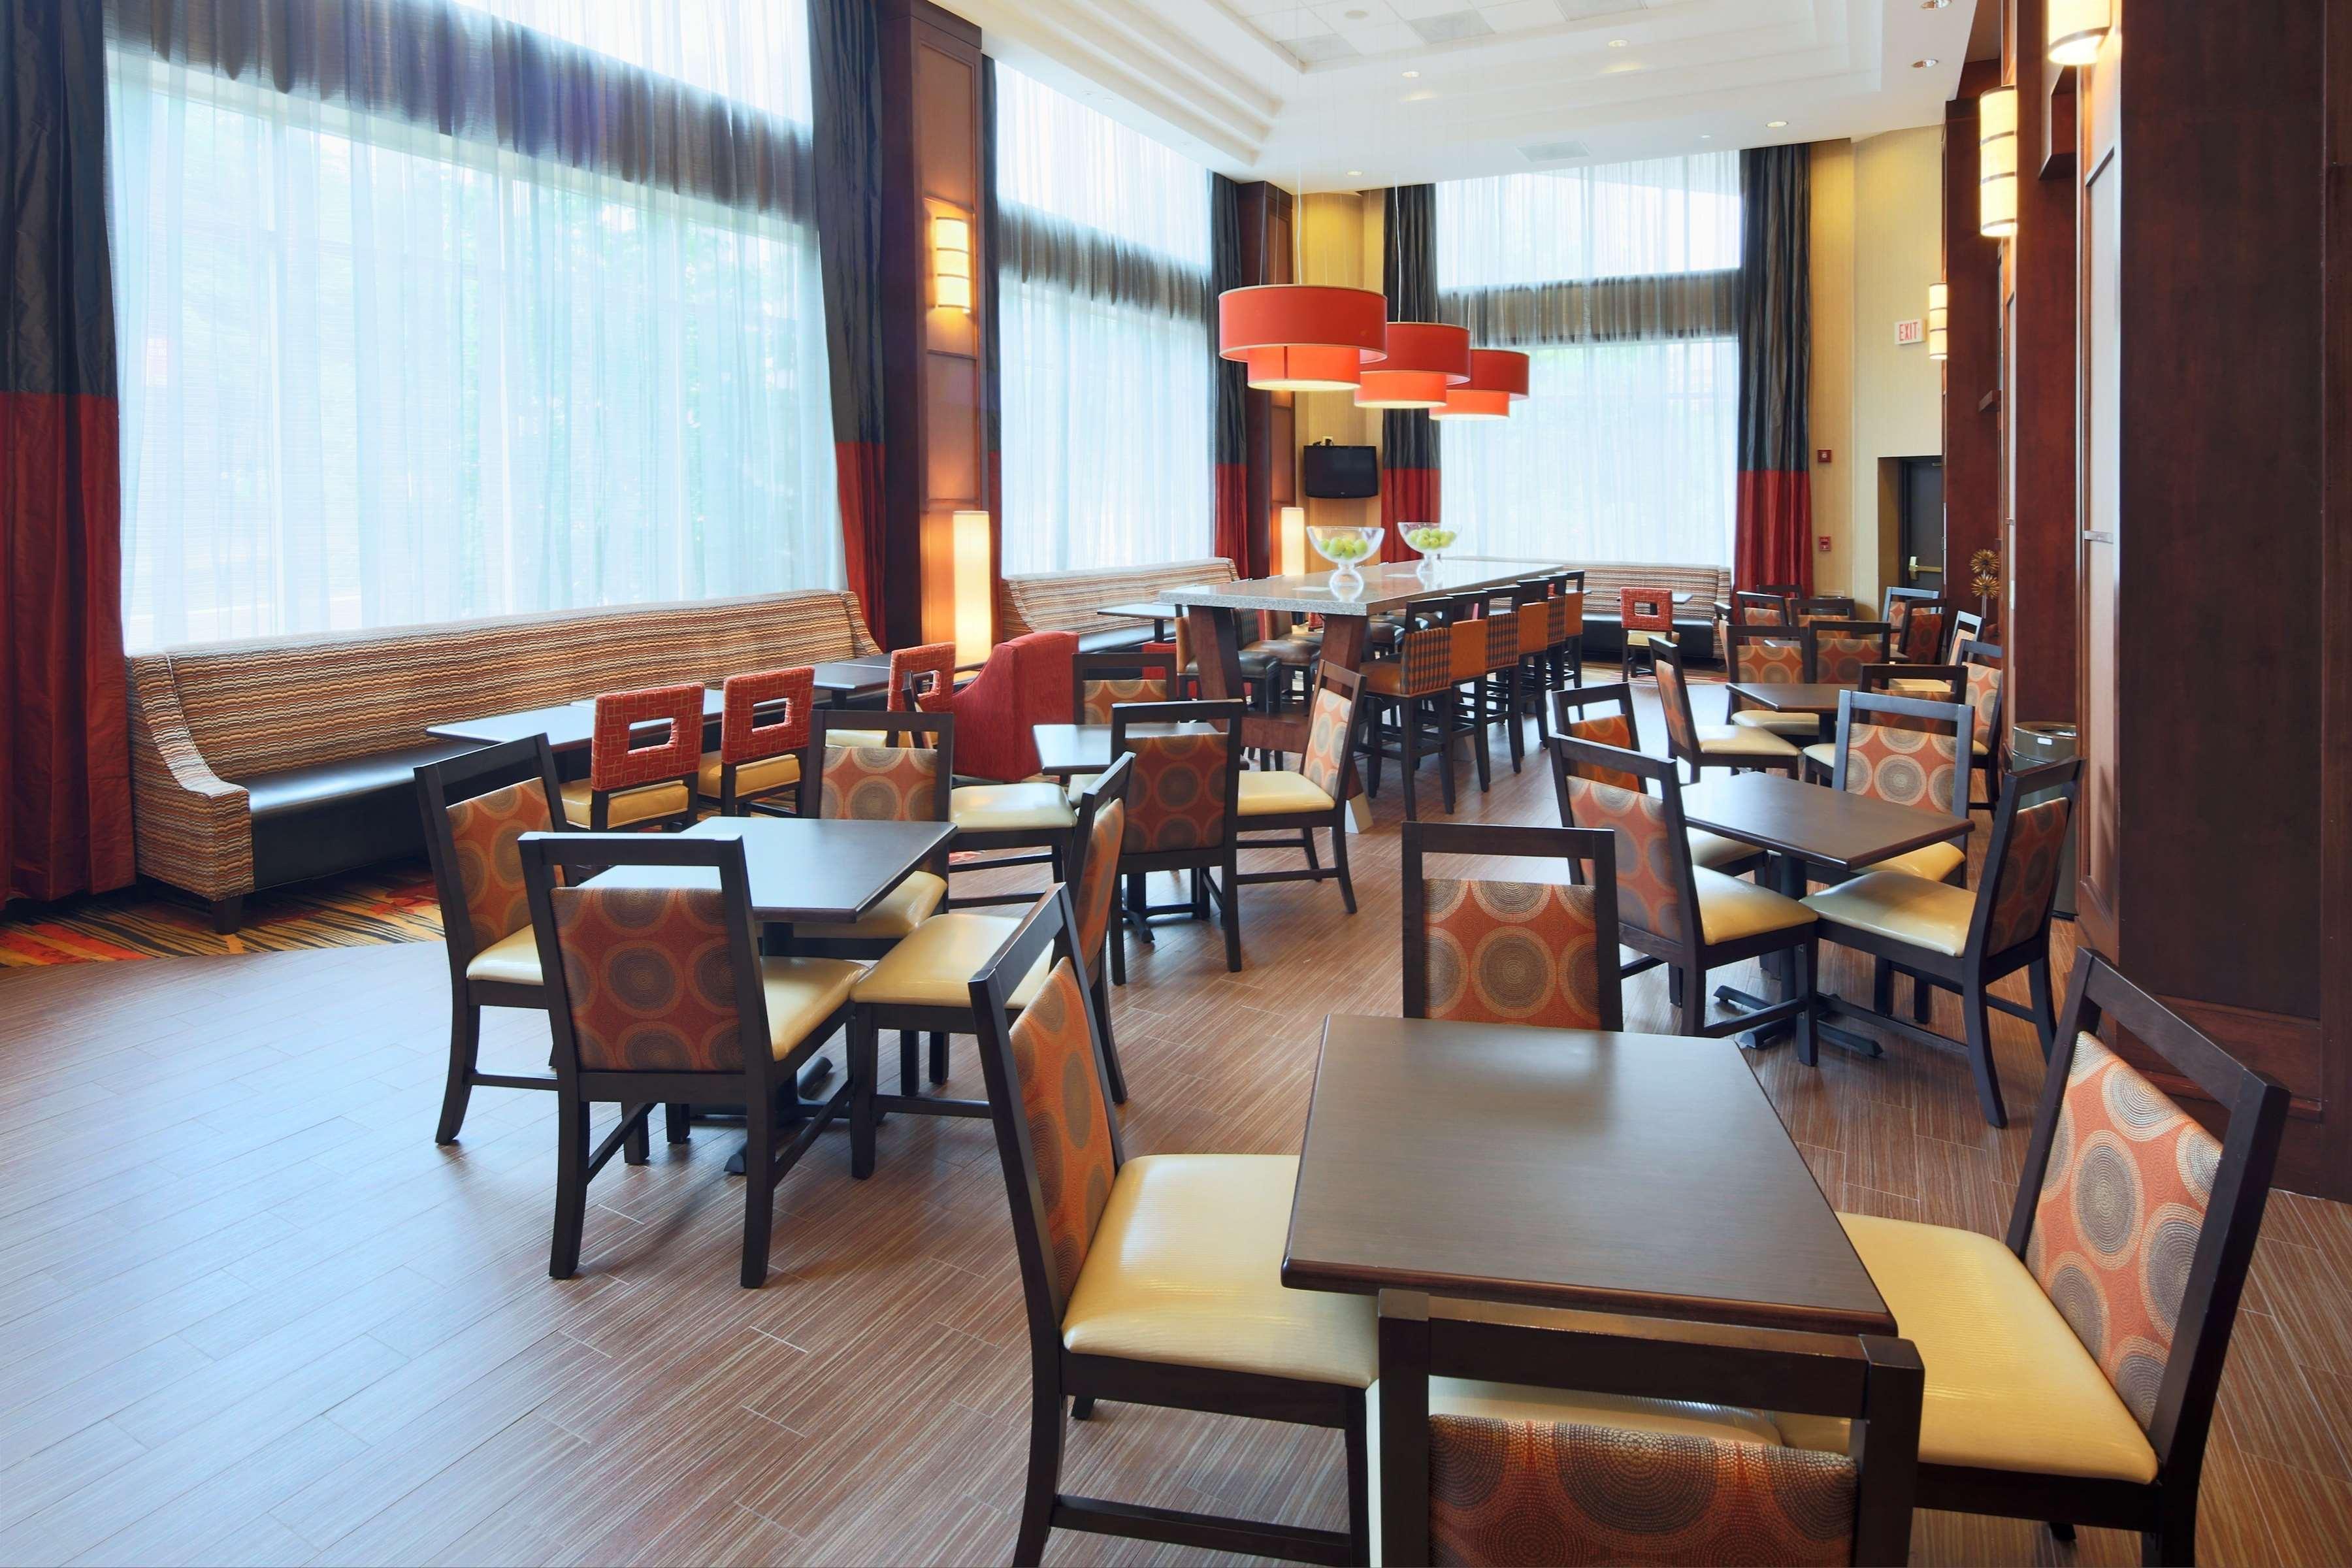 Hampton Inn & Suites Reagan National Airport image 3